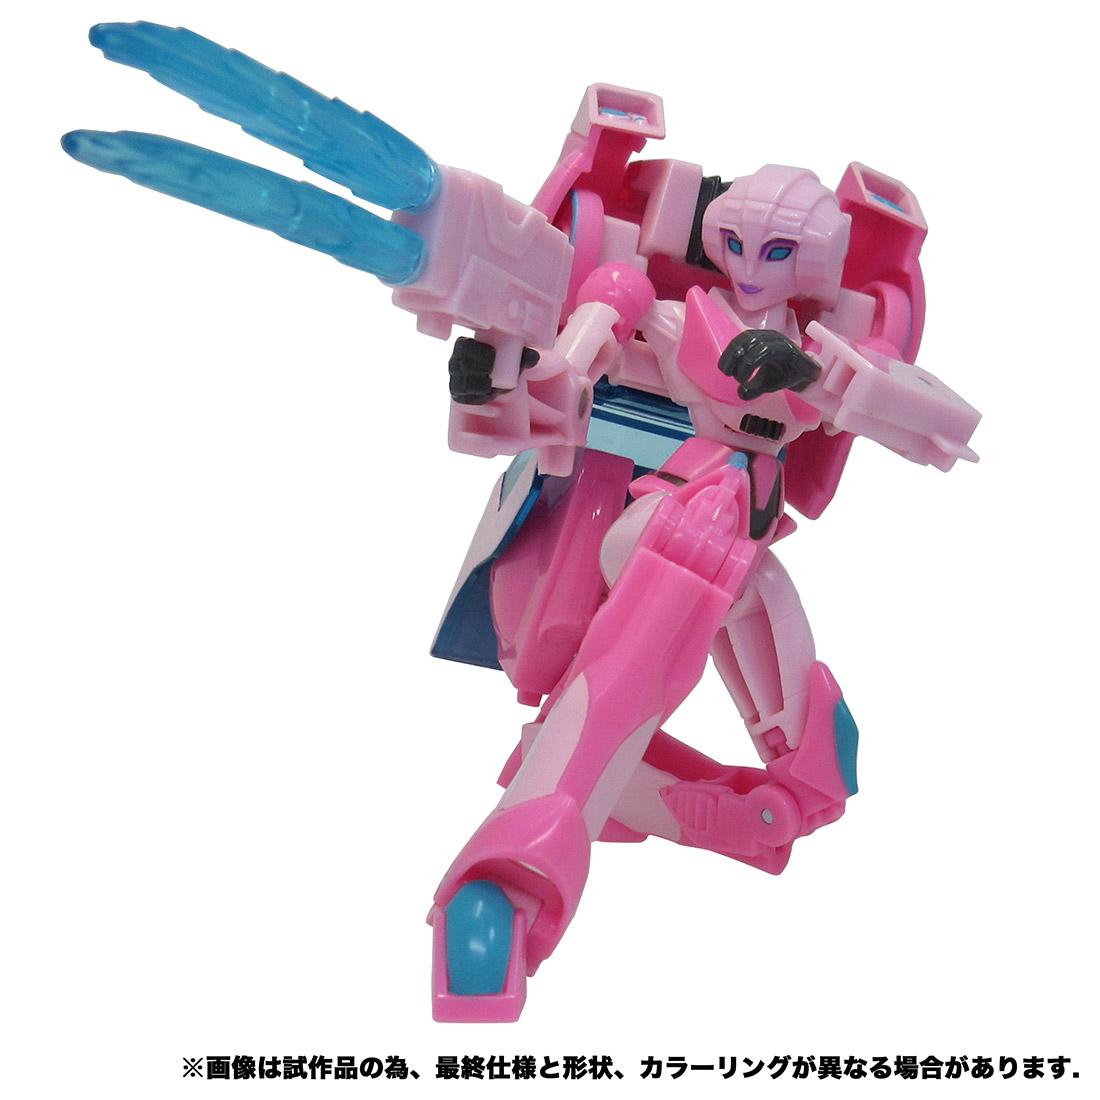 【限定販売】サイバーバース アクションマスター07『アーシー』トランスフォーマー 可変可動フィギュア-002